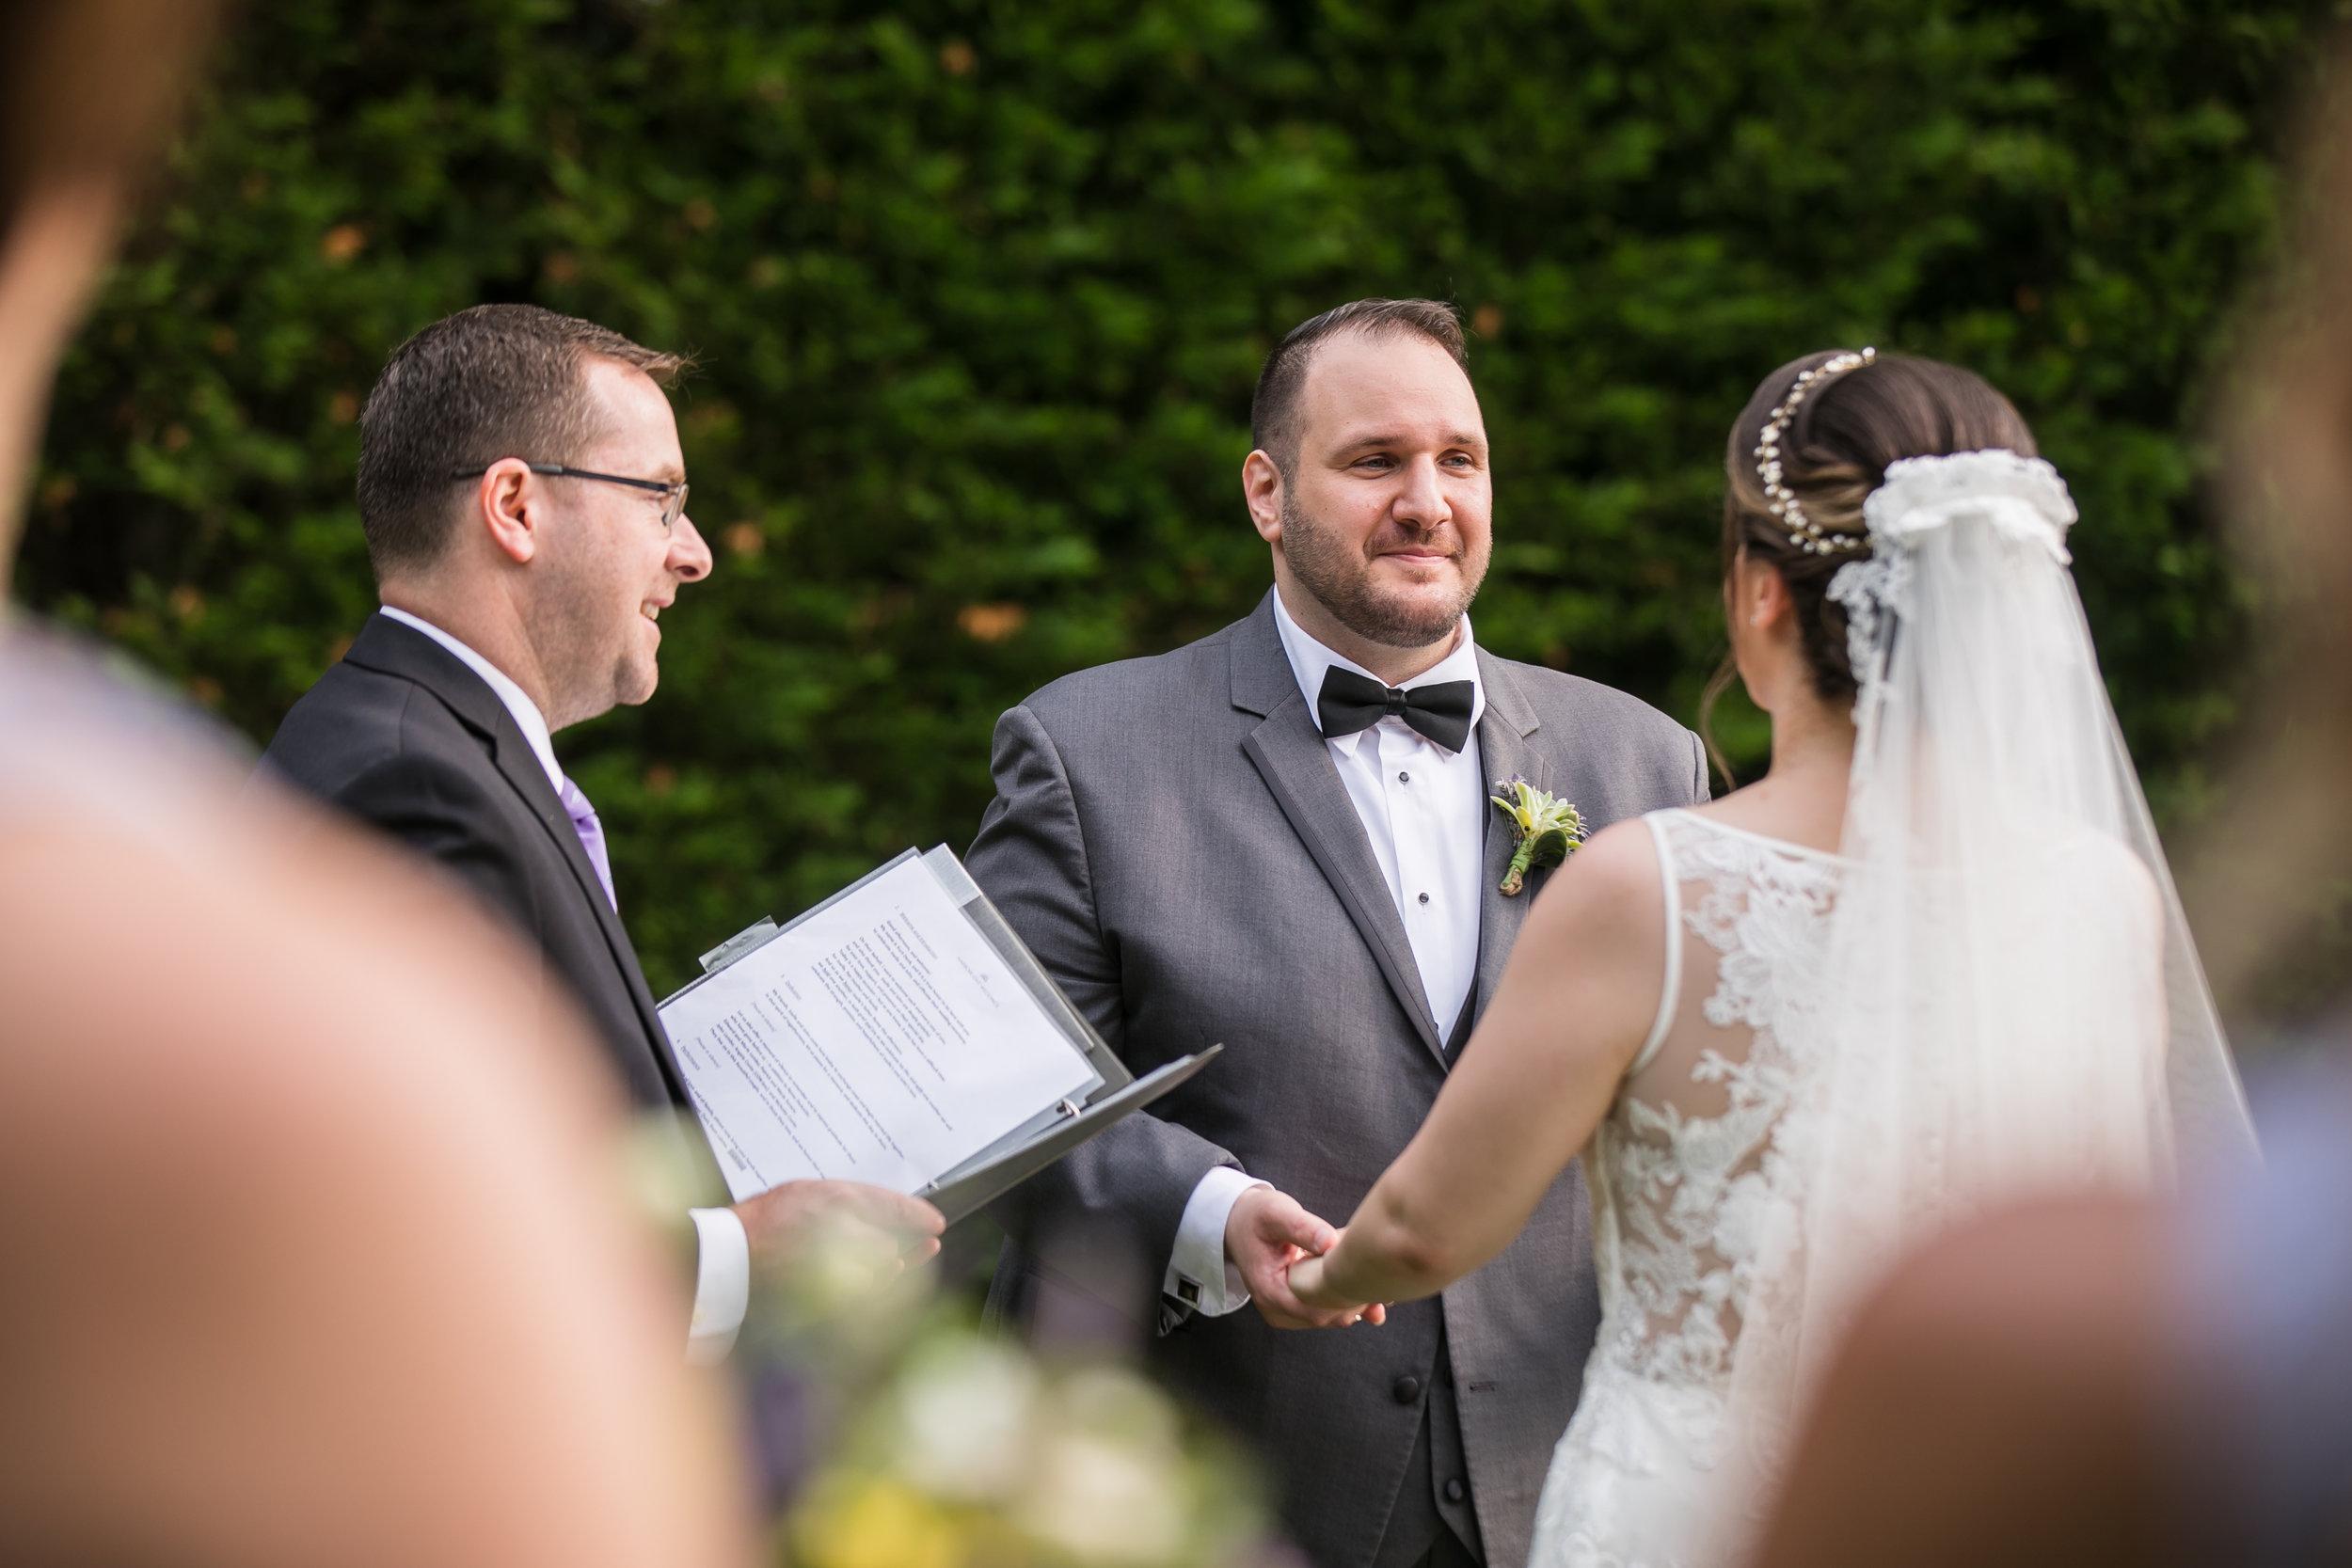 Personalized wedding ceremony.jpg